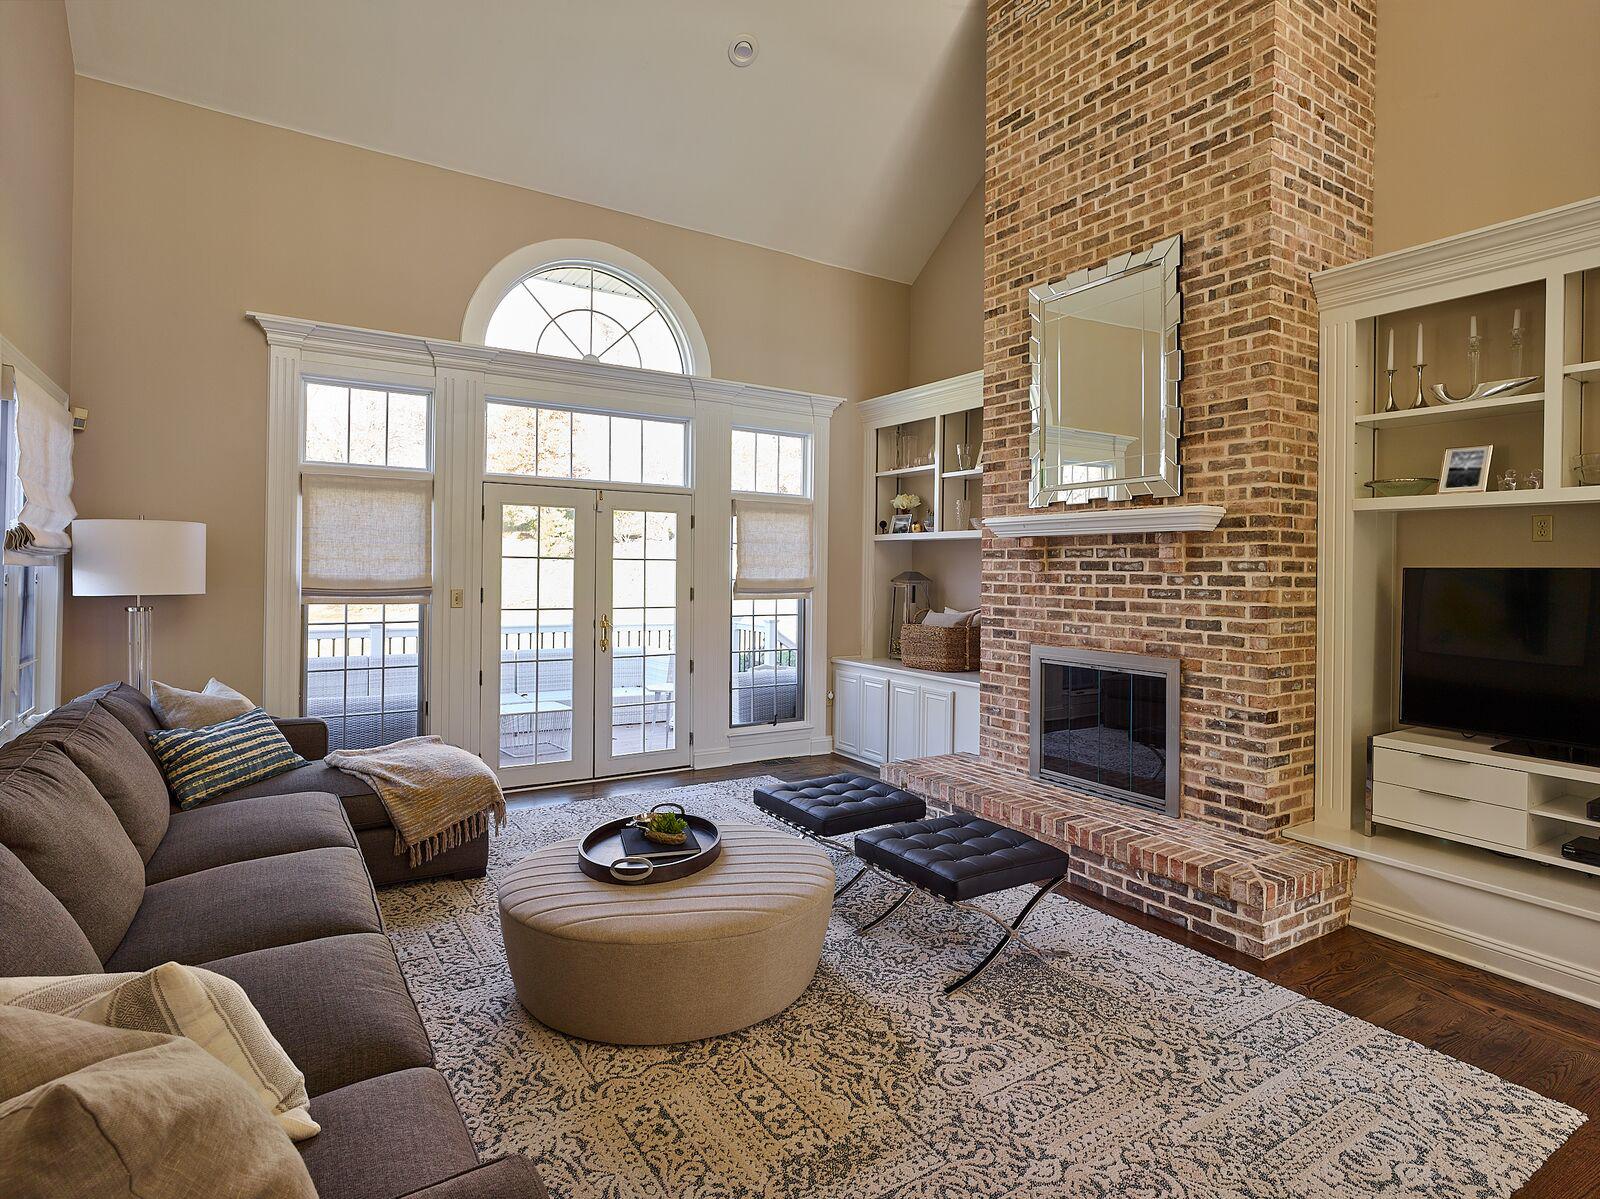 livingroom2 copy (2).jpg